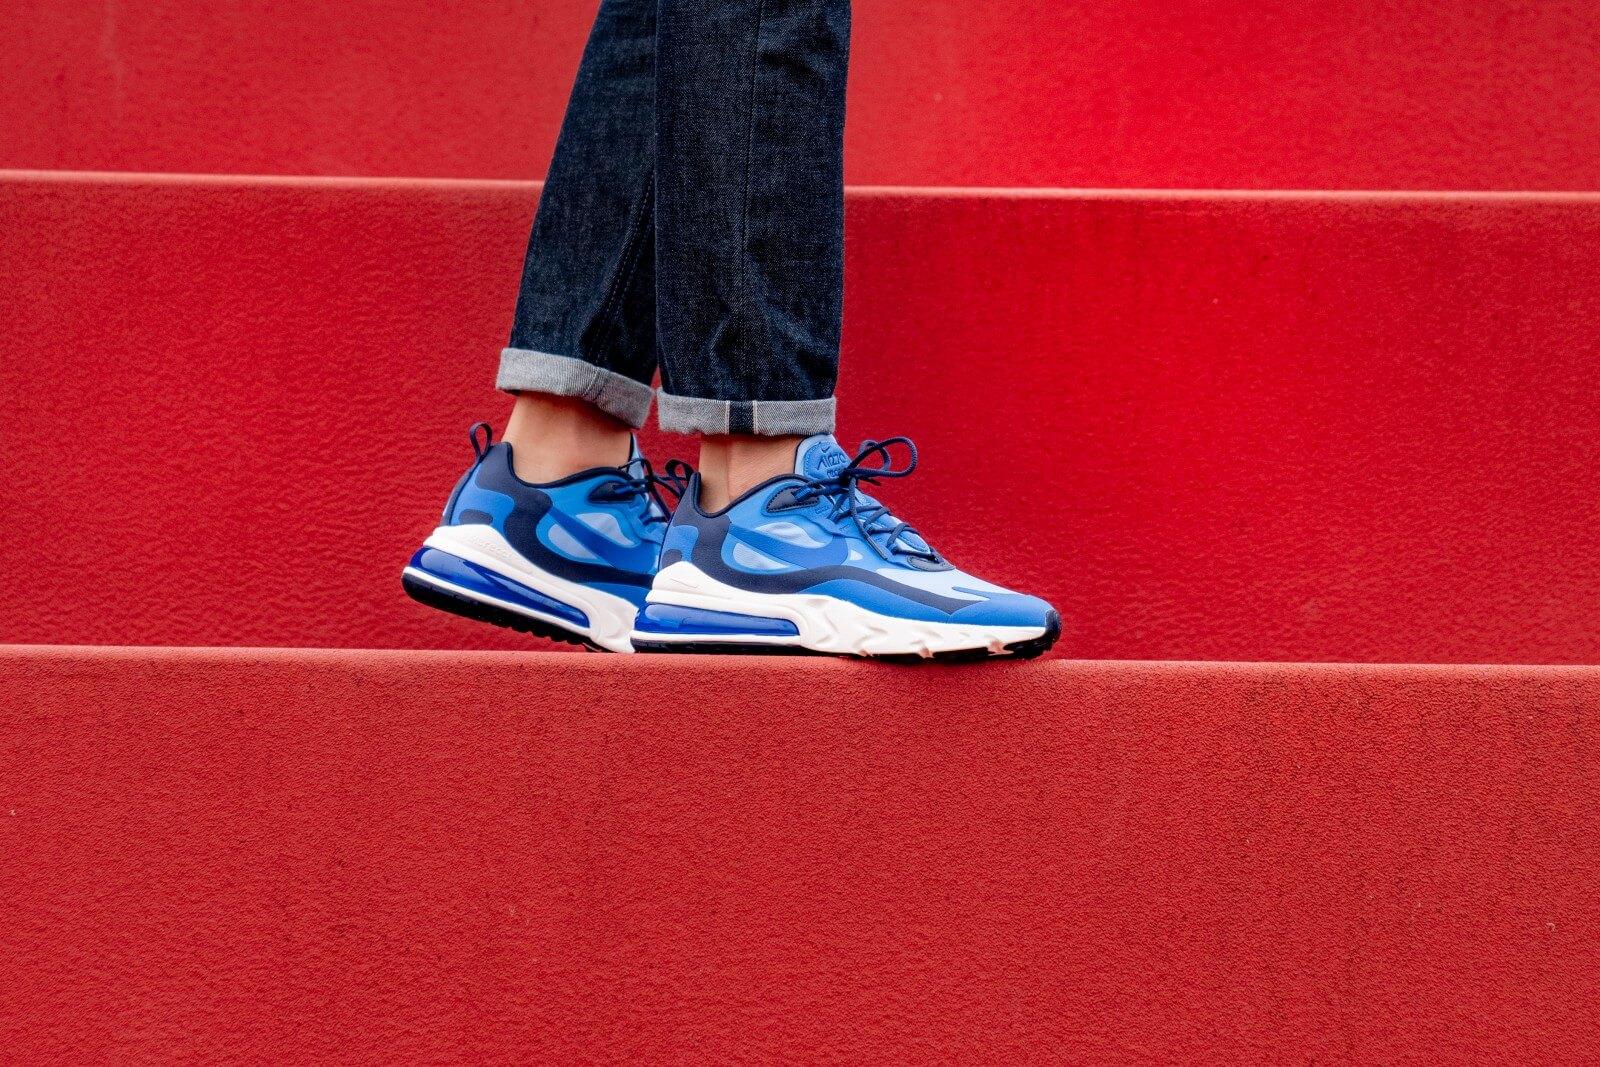 Nike Air Max 270 React Pacific Blue Hyper Blue Ci3866 400